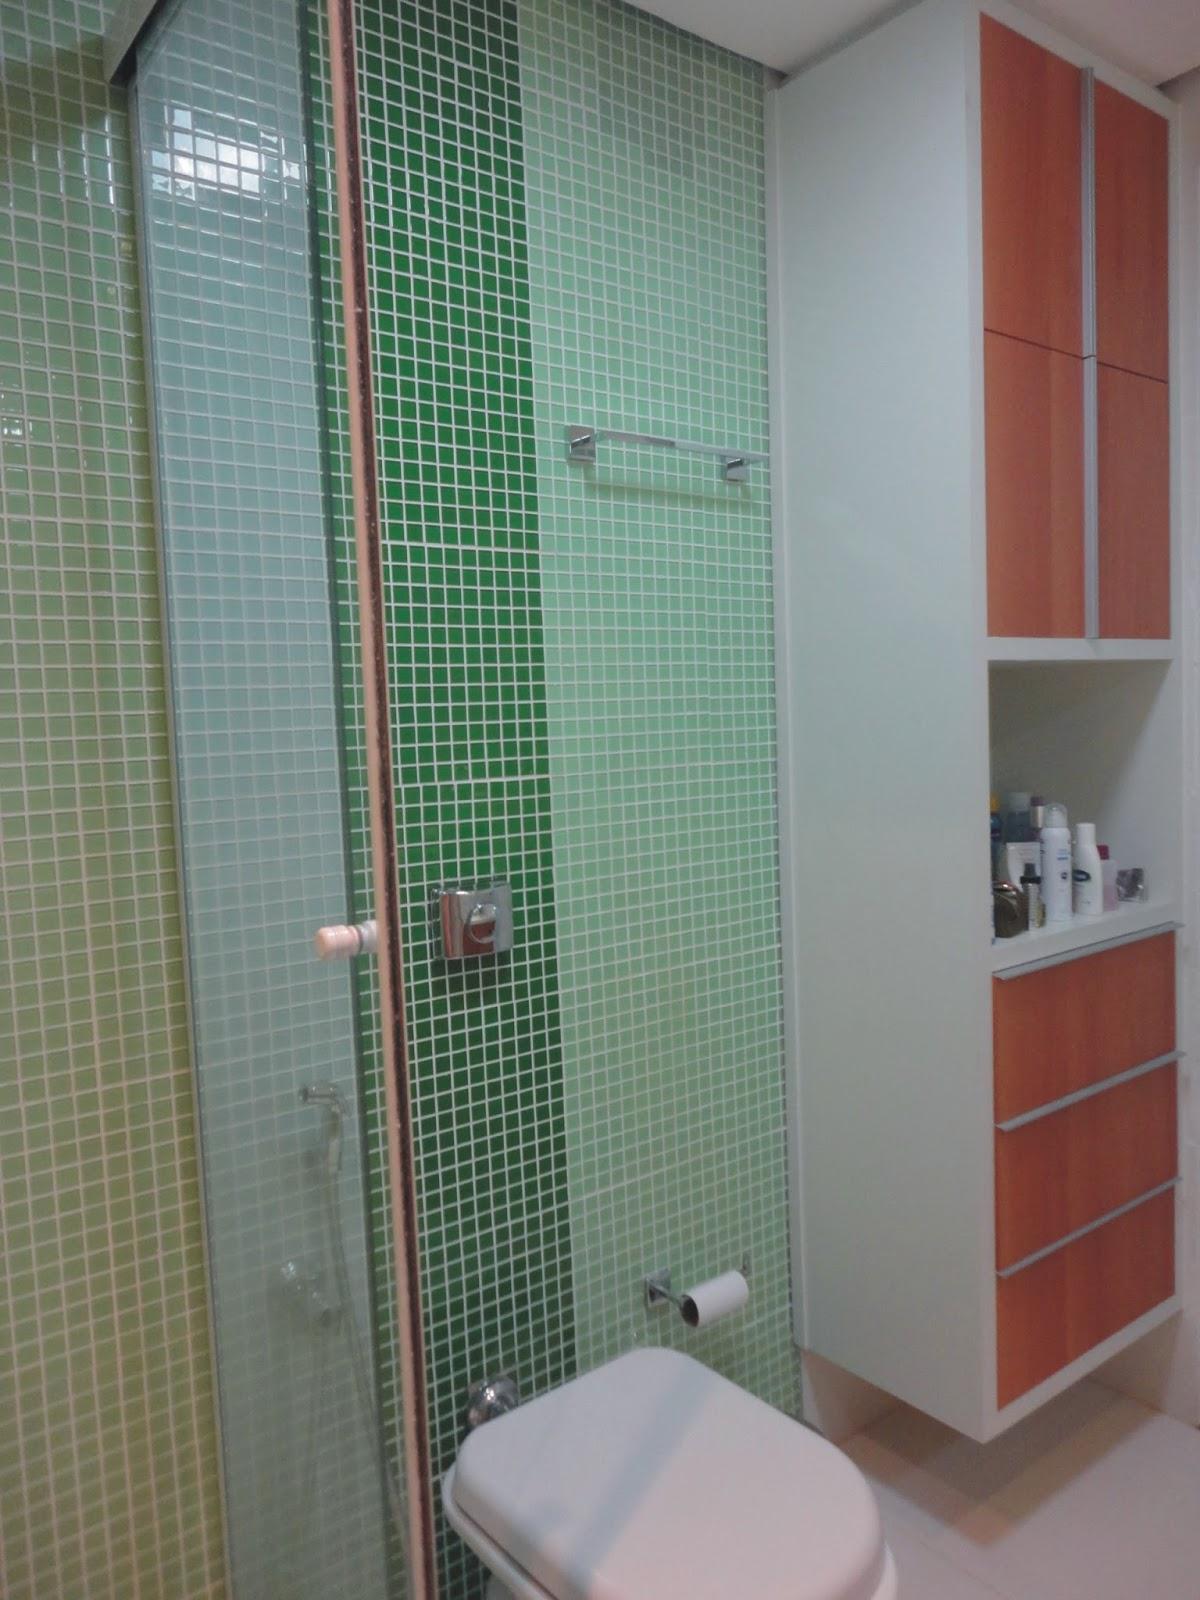 EM SP (VILA MARIANA) BANHEIROS QUARTO COM CLOSET E DESPENSA #74423A 1200x1600 Armario Banheiro Projeto